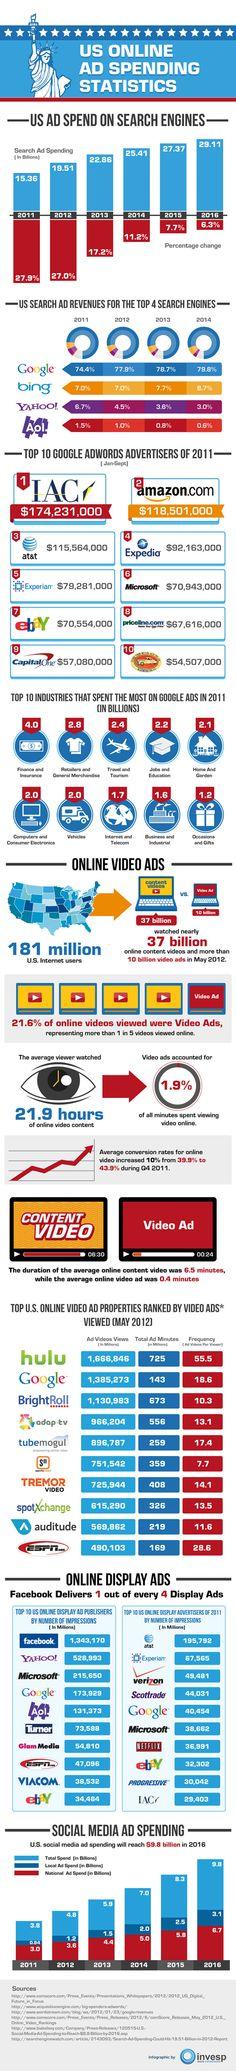 Publicidad online en USA en 2012